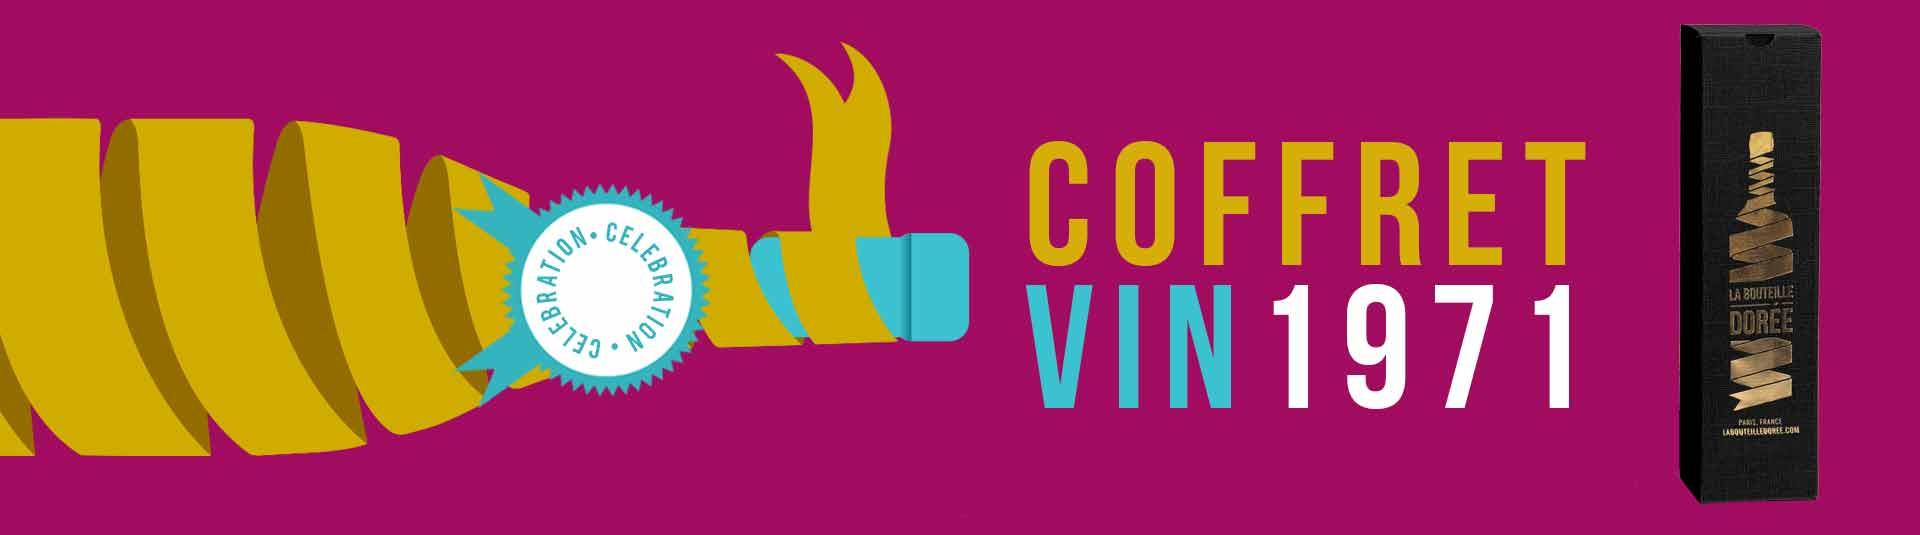 Coffret vin Anniversaire 50 ans 1 bouteille